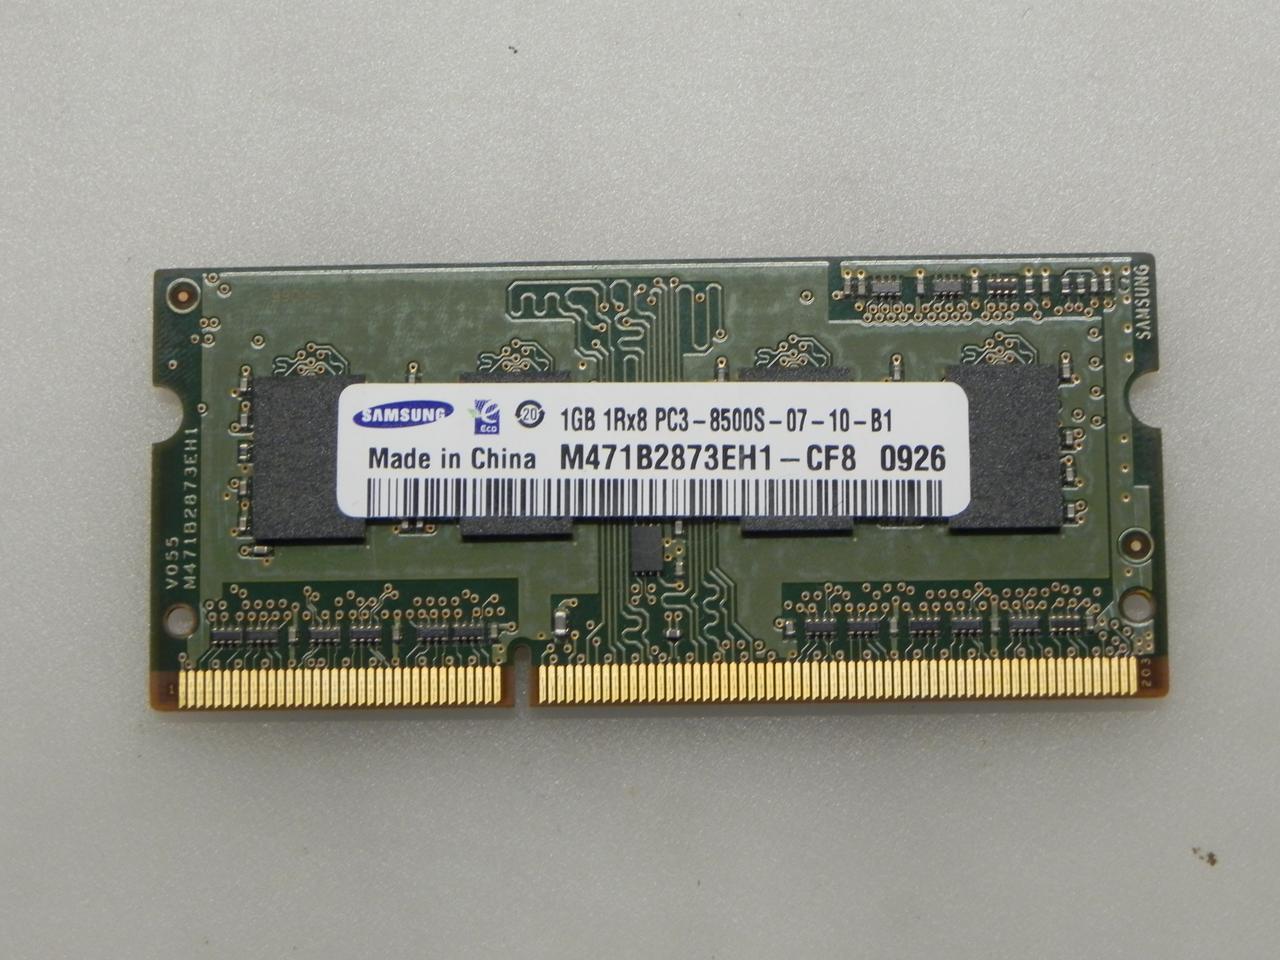 SODIMM DDR3 1GB оперативна пам'ять Samsung PC3-8500S 1066MHz 1GB 1Rx8 для ноутбука бу